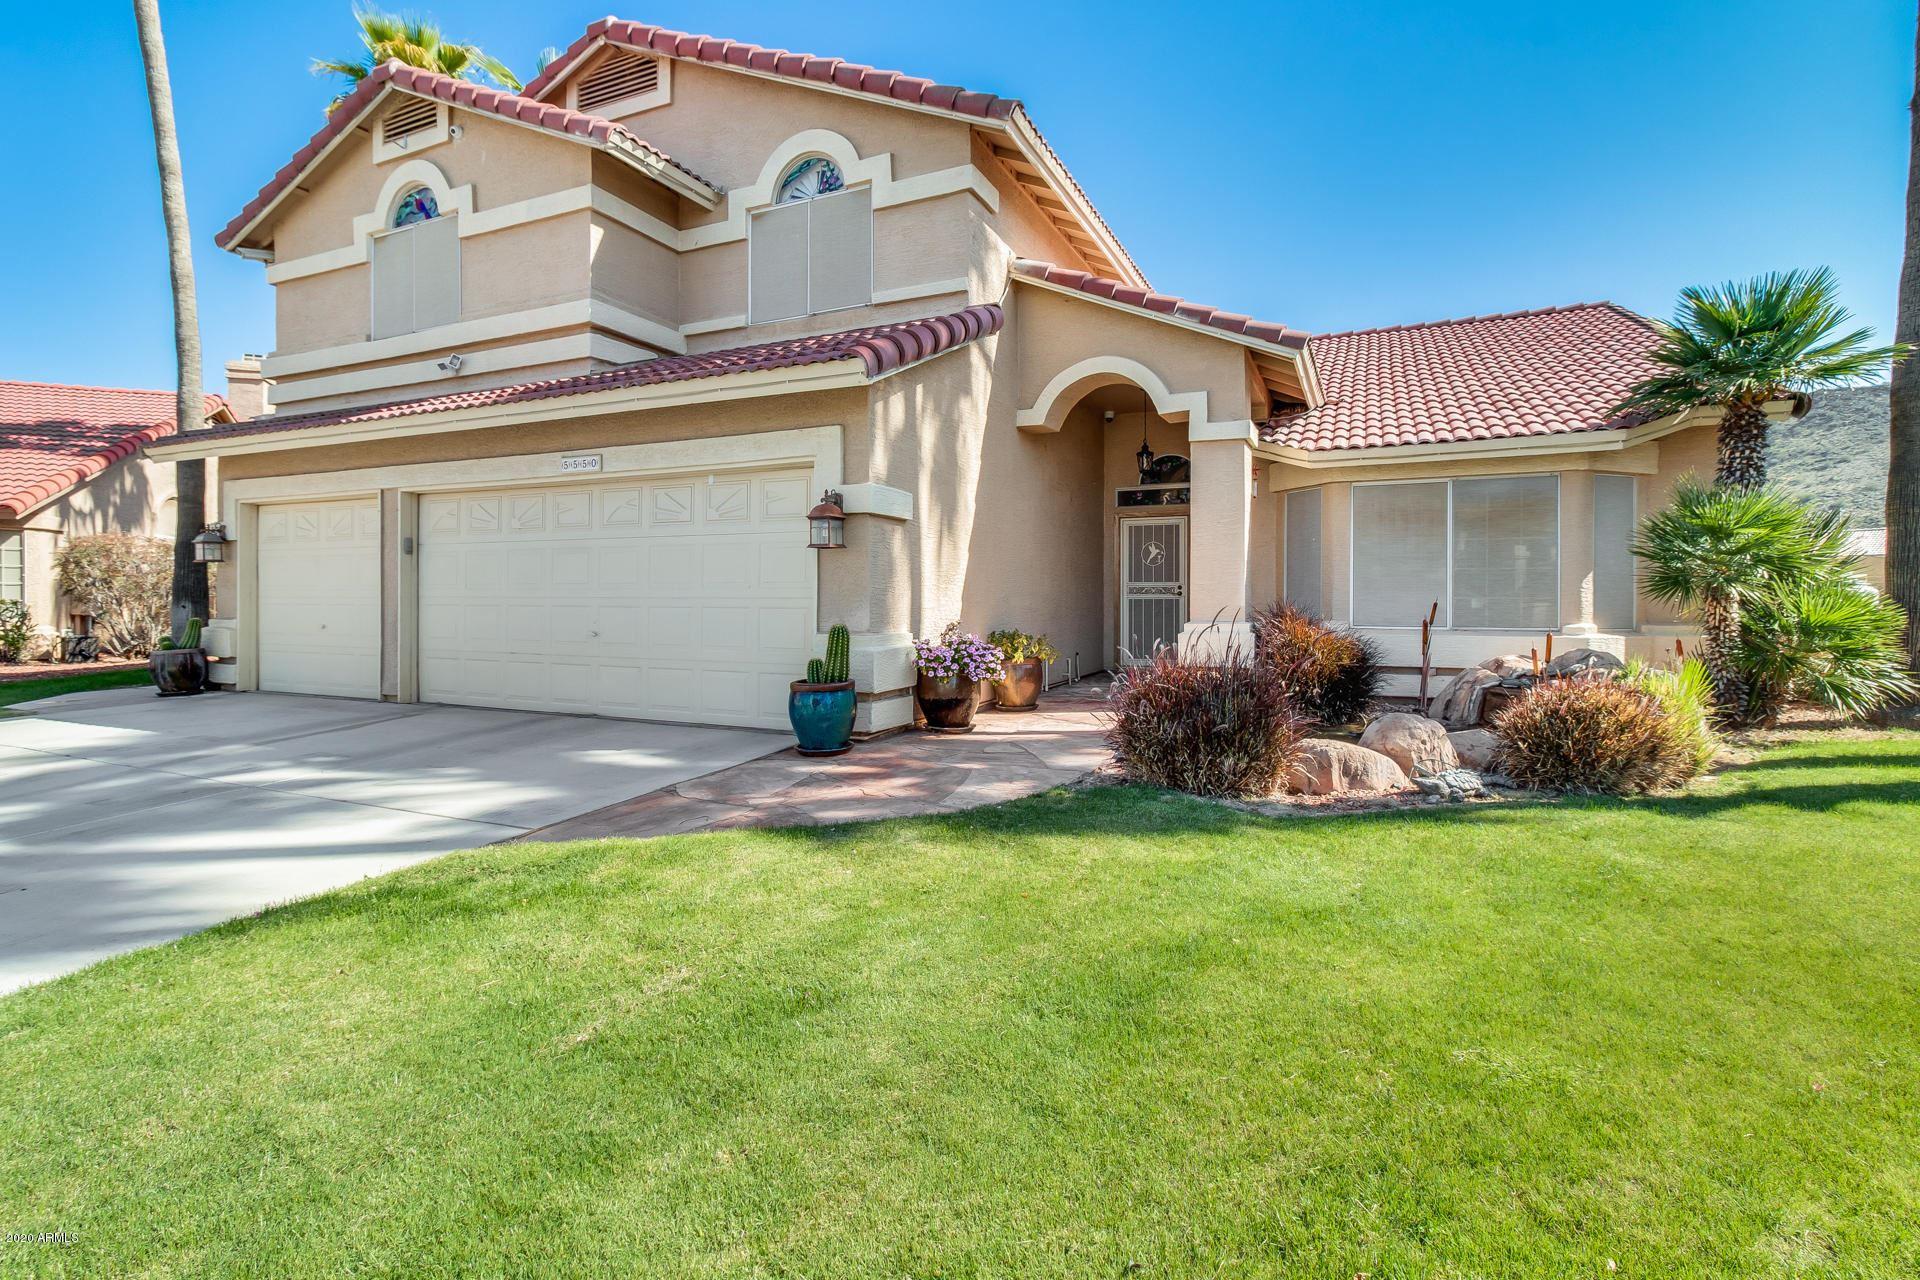 5550 W ROSE GARDEN Lane, Glendale, AZ 85308 - #: 6058955